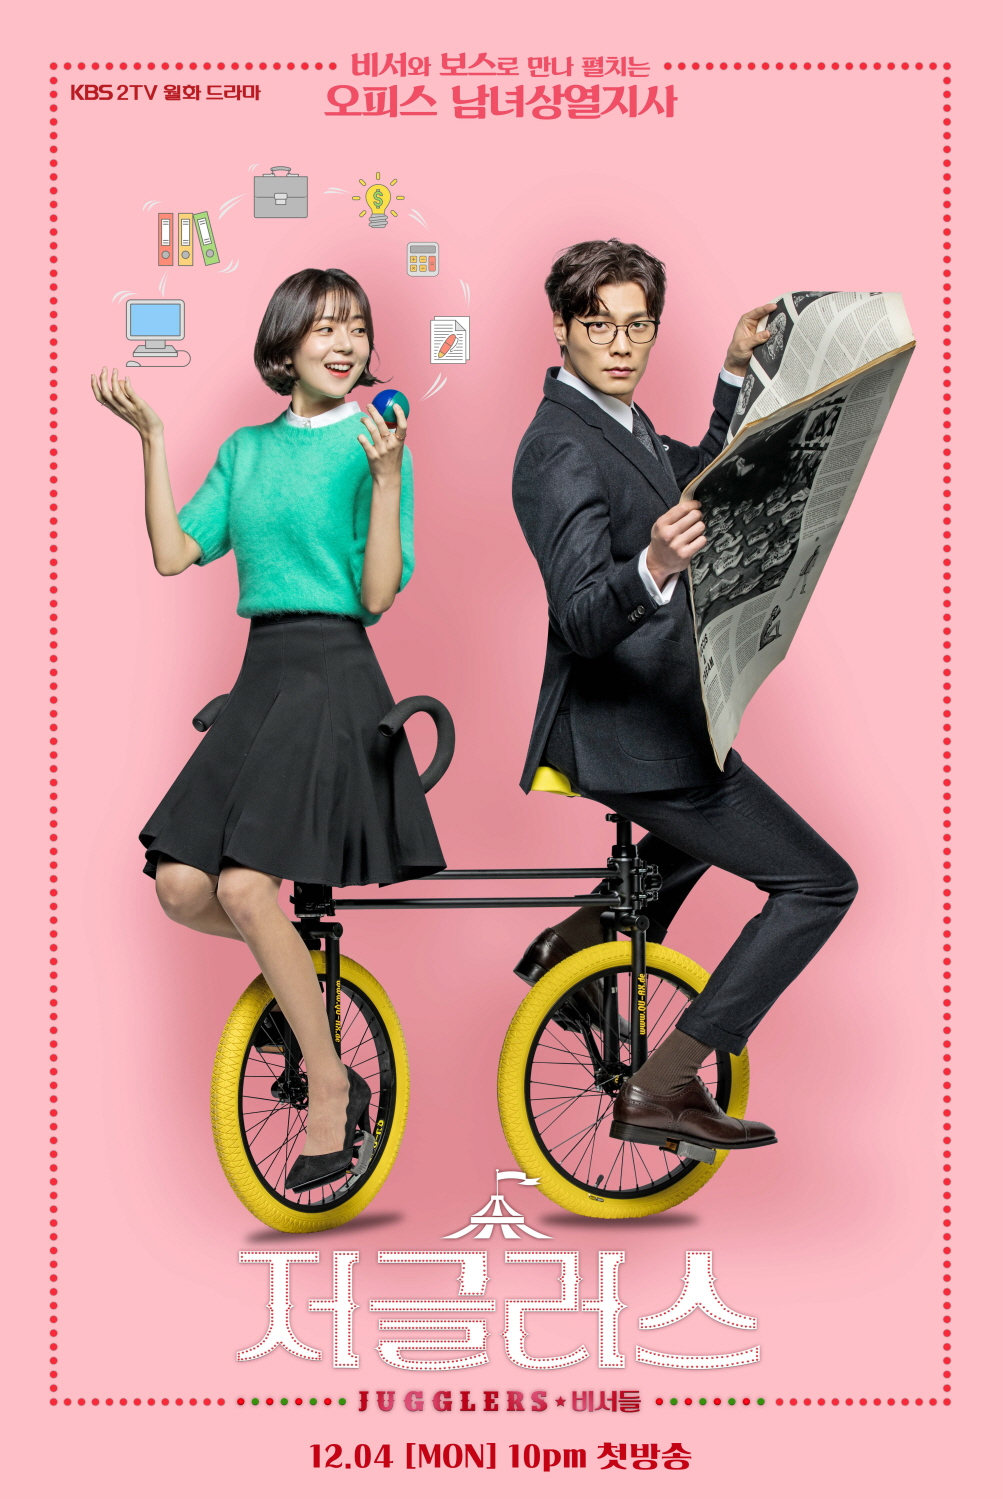 <저글러스:비서들> 핑크빛 오피스 로맨스 기류 물씬 '포스터 3종' 공개!